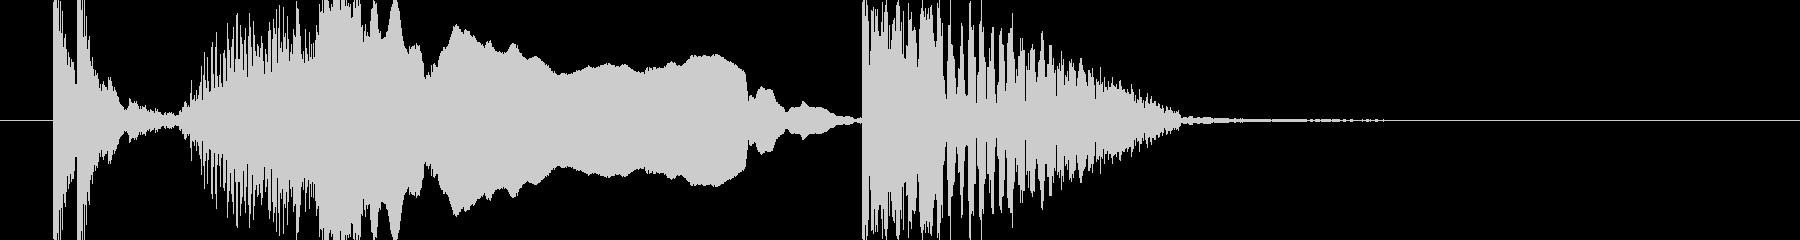 和風 鼓ジングル よぉ 太鼓締め2の未再生の波形